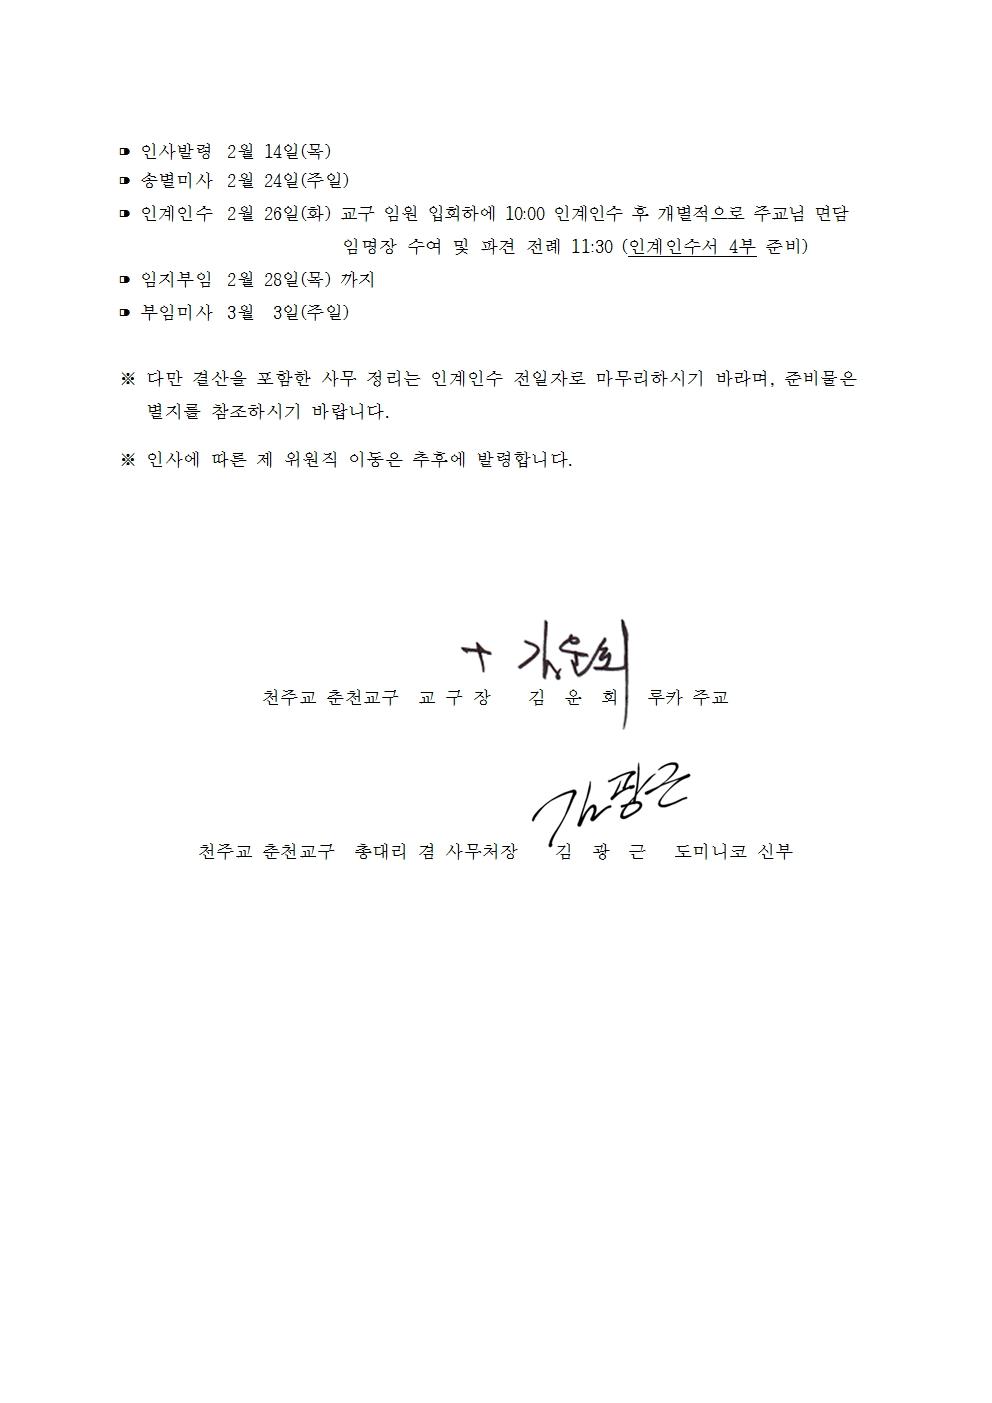 춘교 19-0015호 사제 정기 인사002.jpg